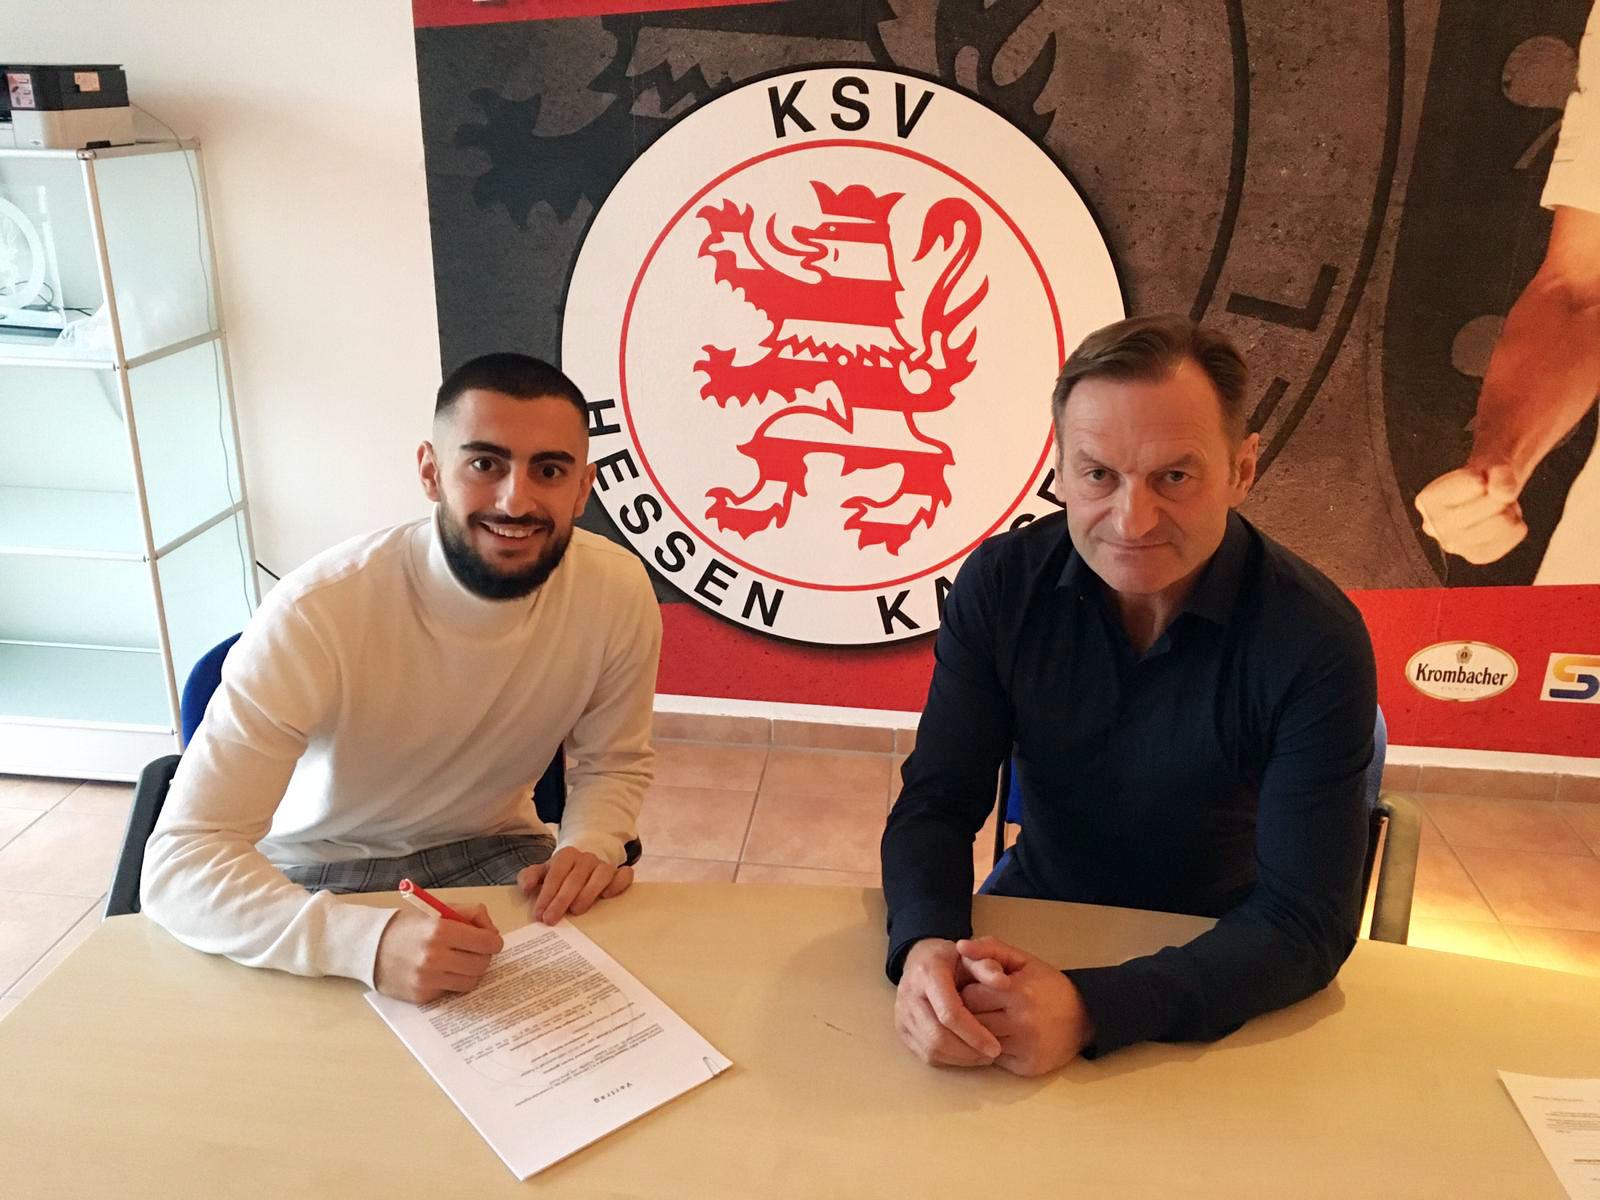 Hüseyin Cakmak (links) wechselt von den Würzburger Kickers zum KSV Hessen Kassel. Hier bei der Vertragsunterzeichnung mit Jörg Müller, sportlicher Leiter des KSV